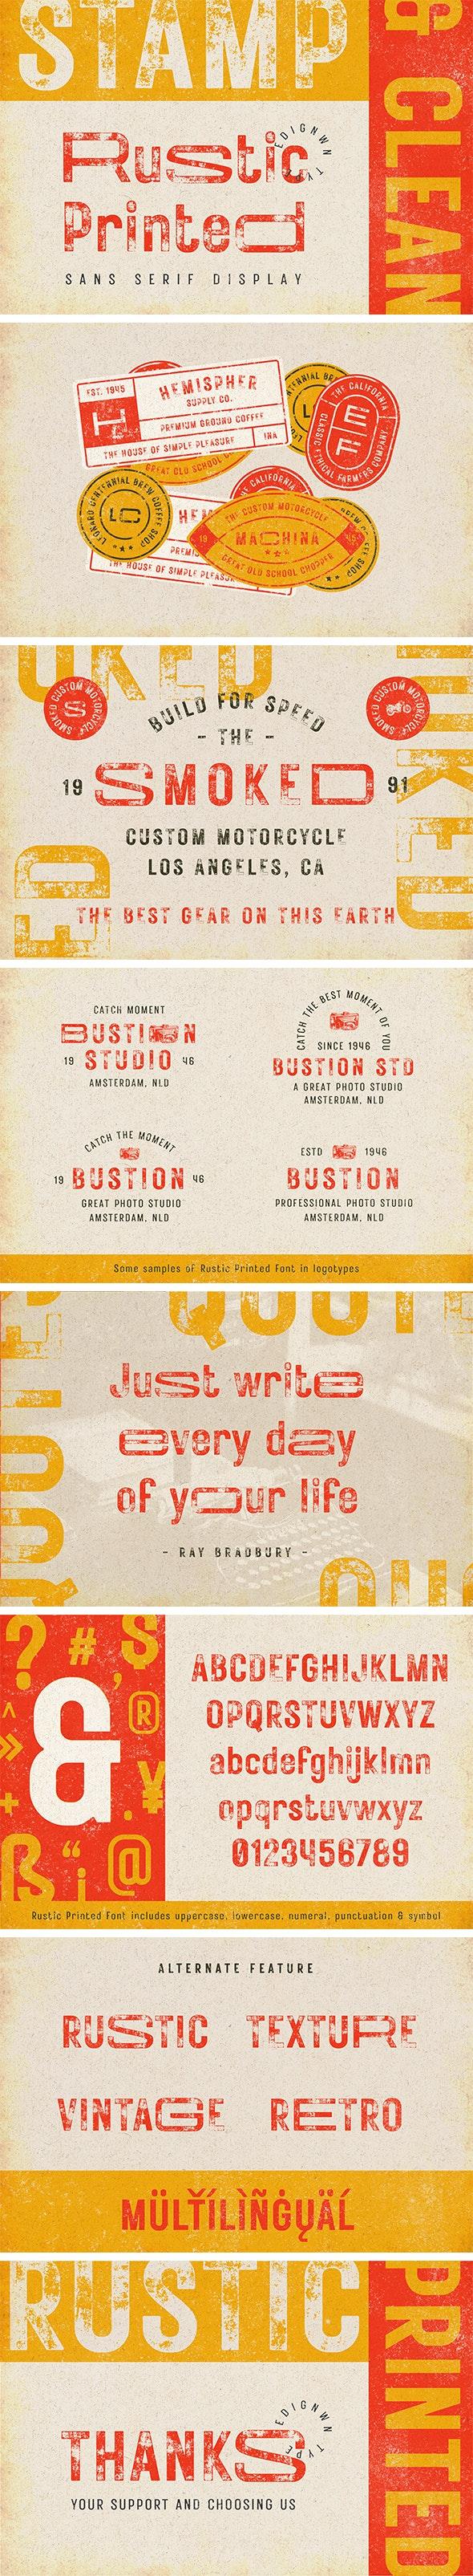 Rustic Printed - Vintage Font - Condensed Sans-Serif